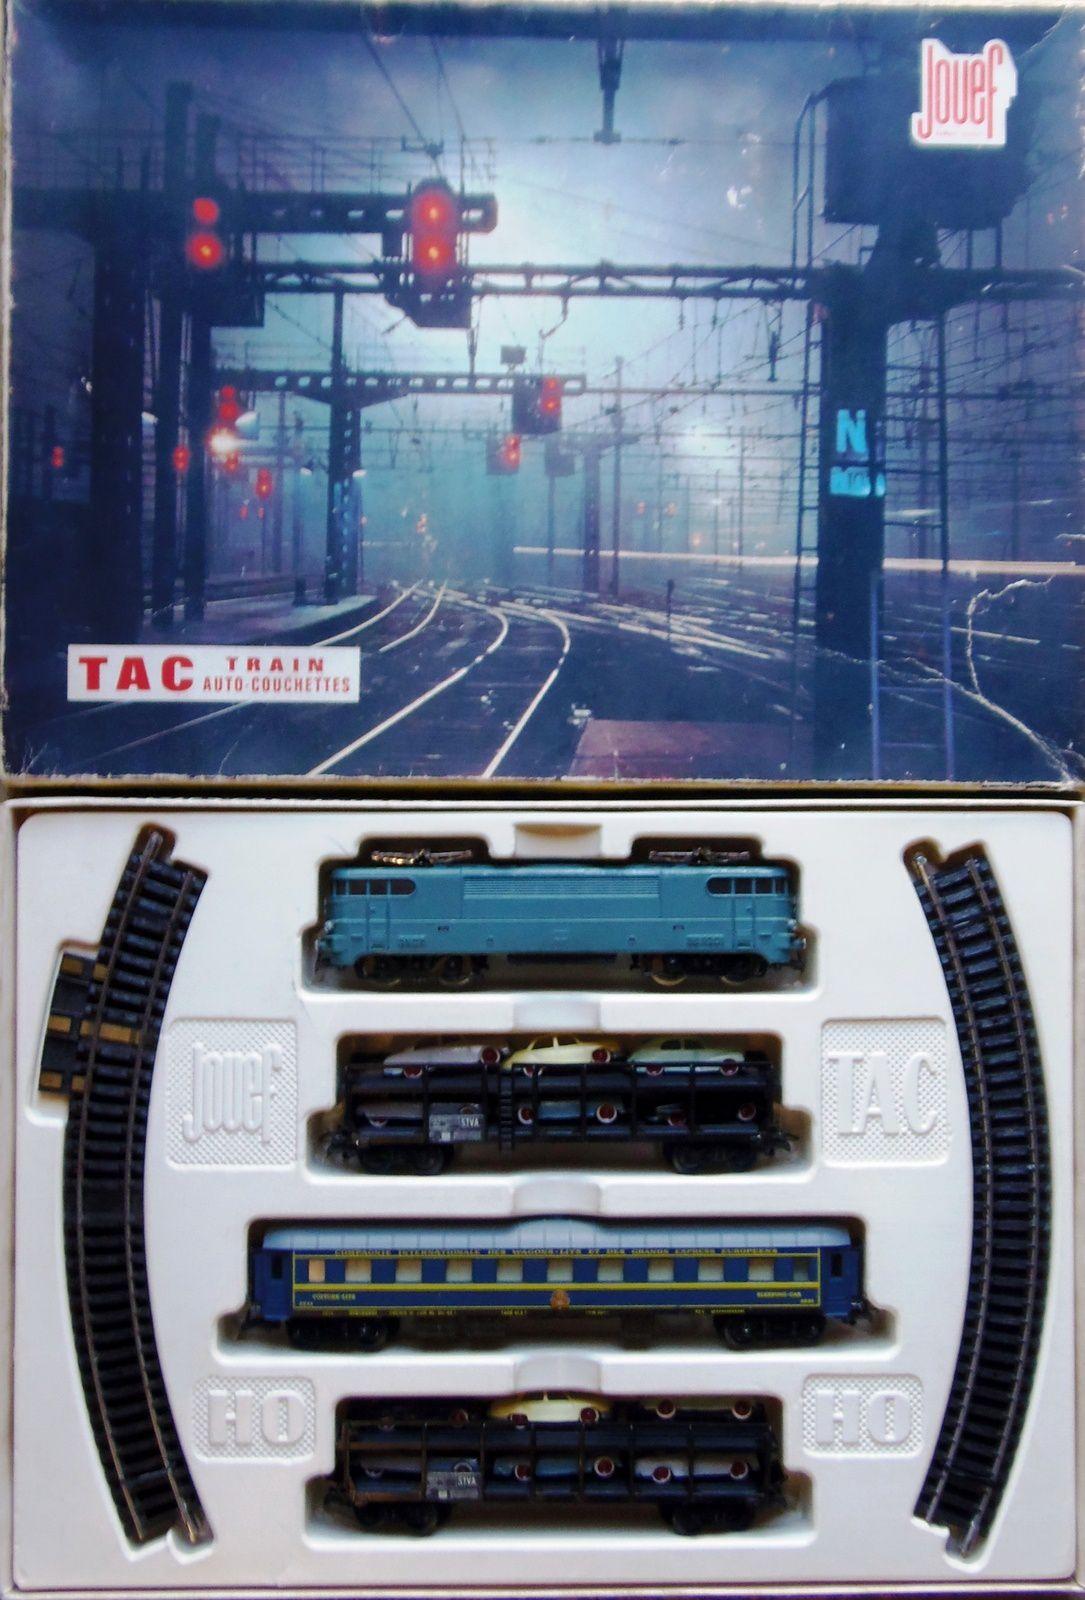 1964 ref 754 tac train auto couchette coffret train. Black Bedroom Furniture Sets. Home Design Ideas